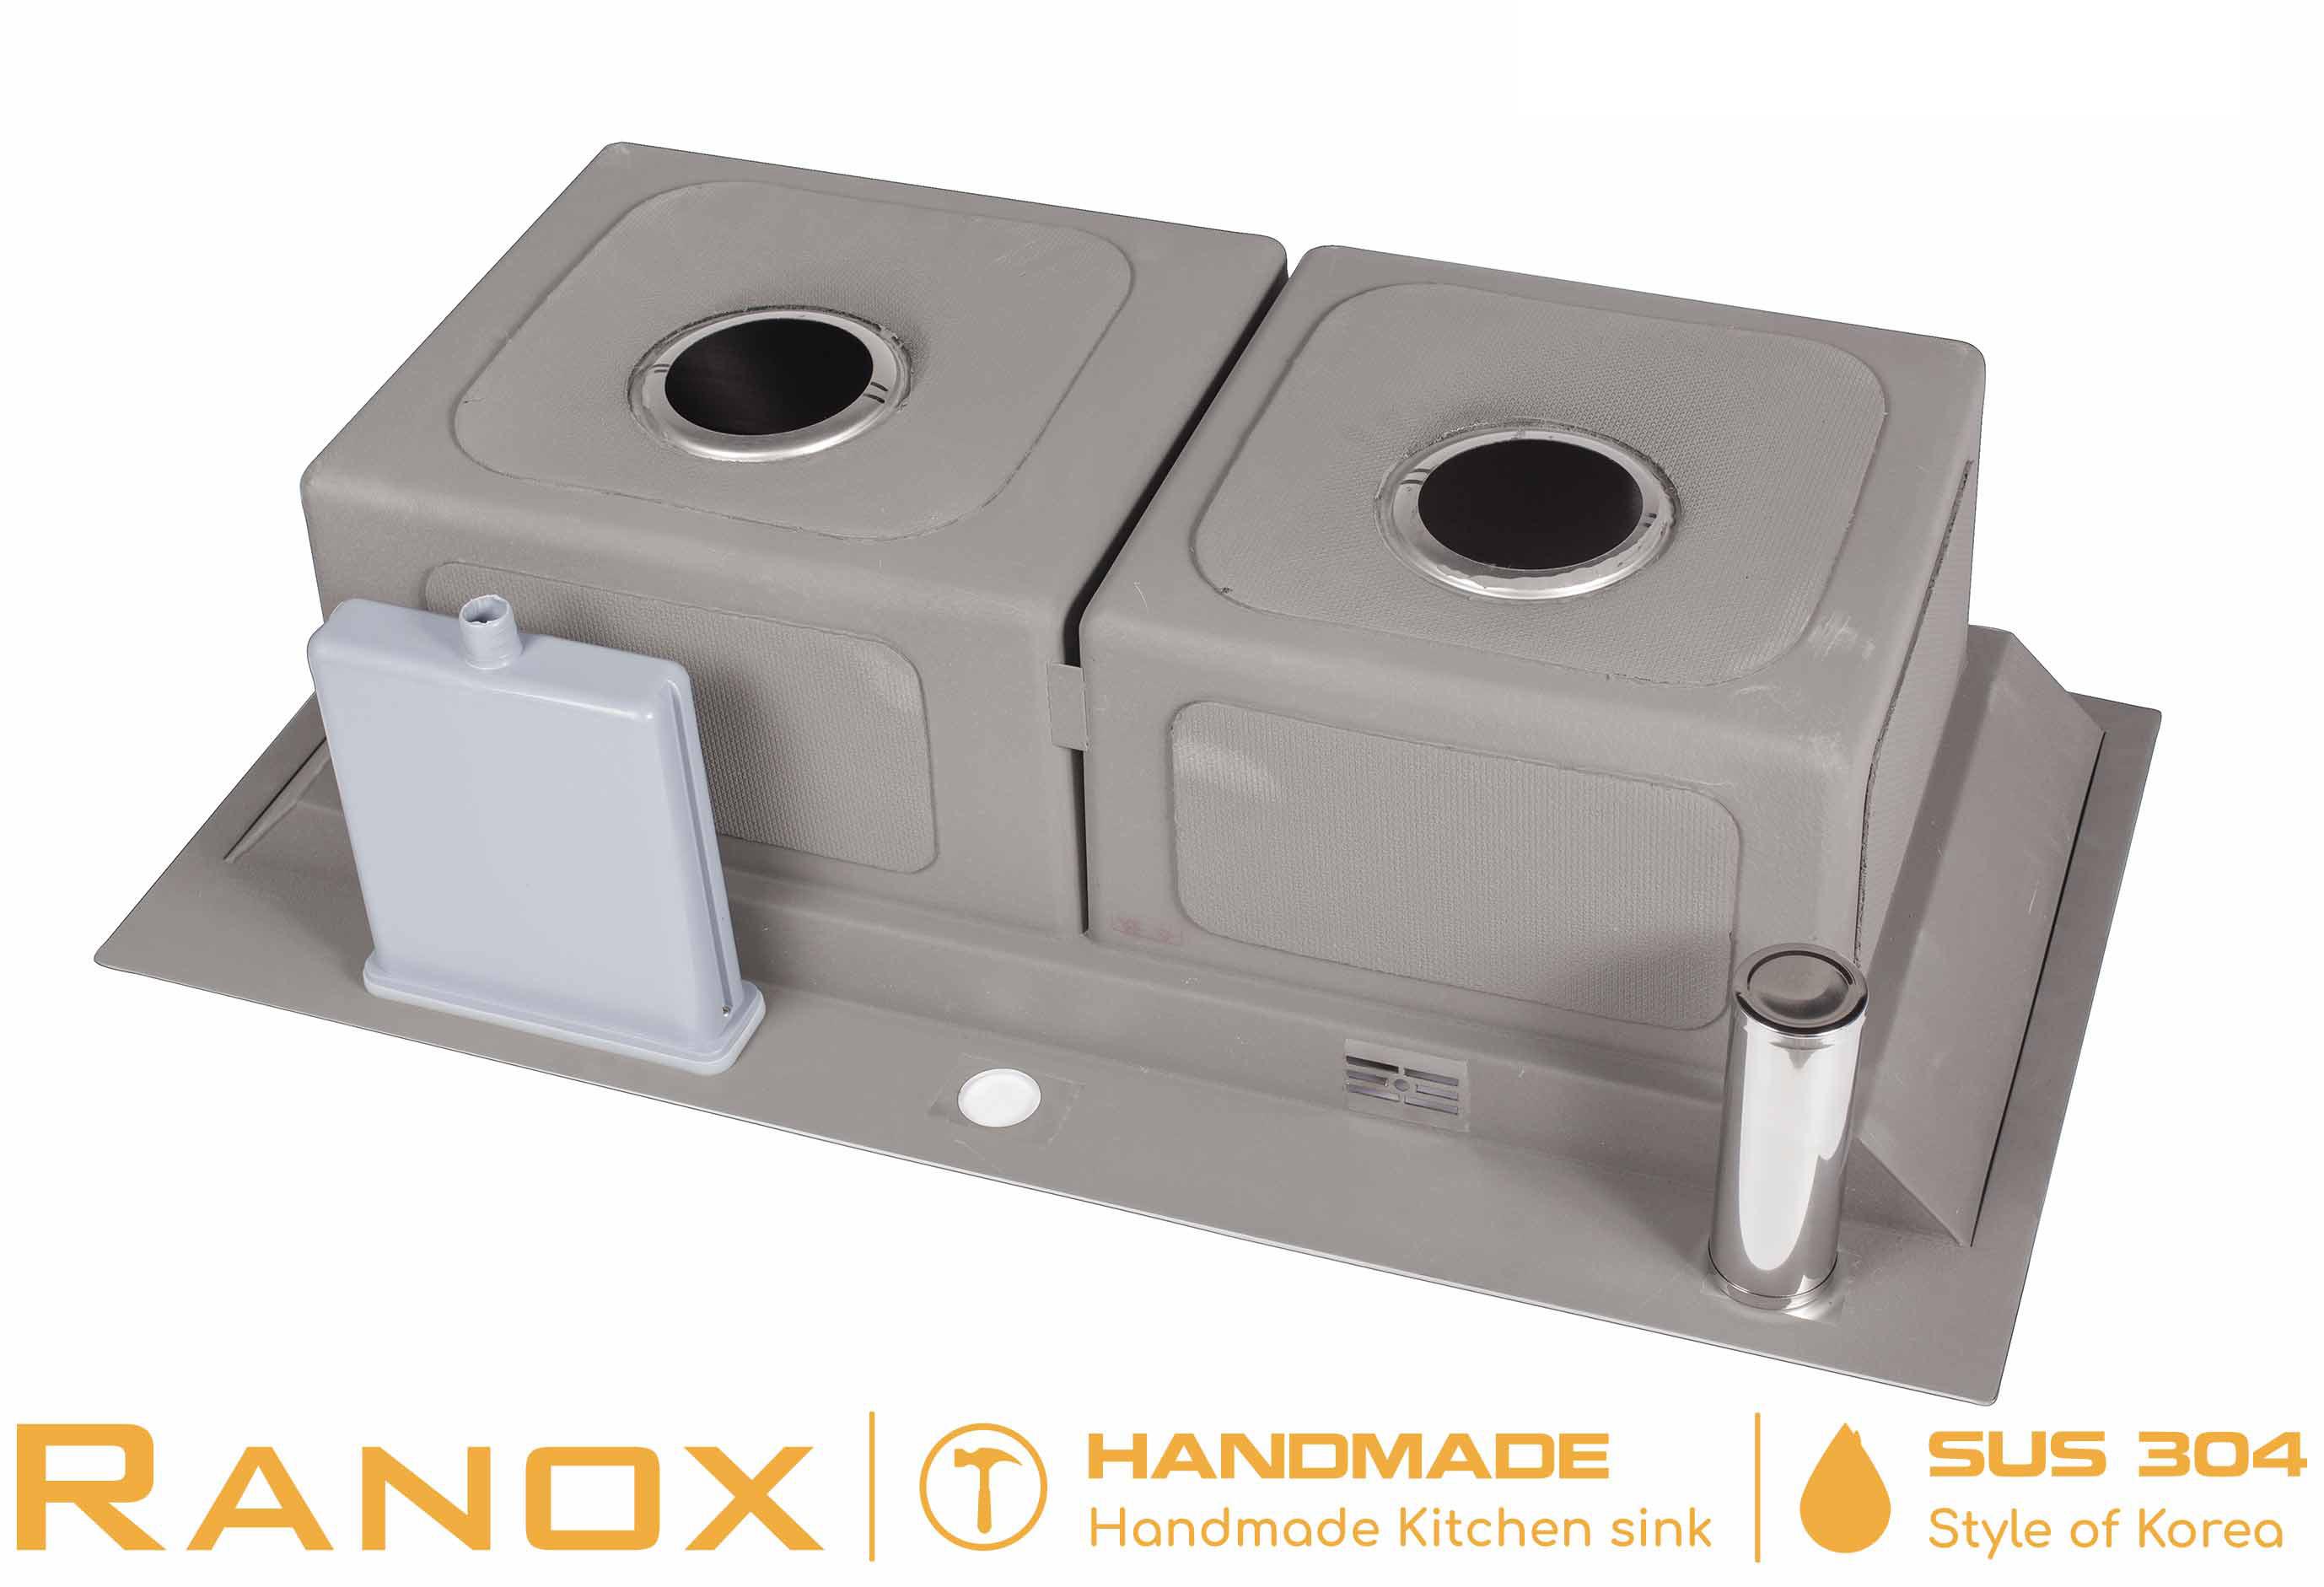 Bộ chậu rửa bát RANOX Hàn Quốc 2 đường nóng lạnh